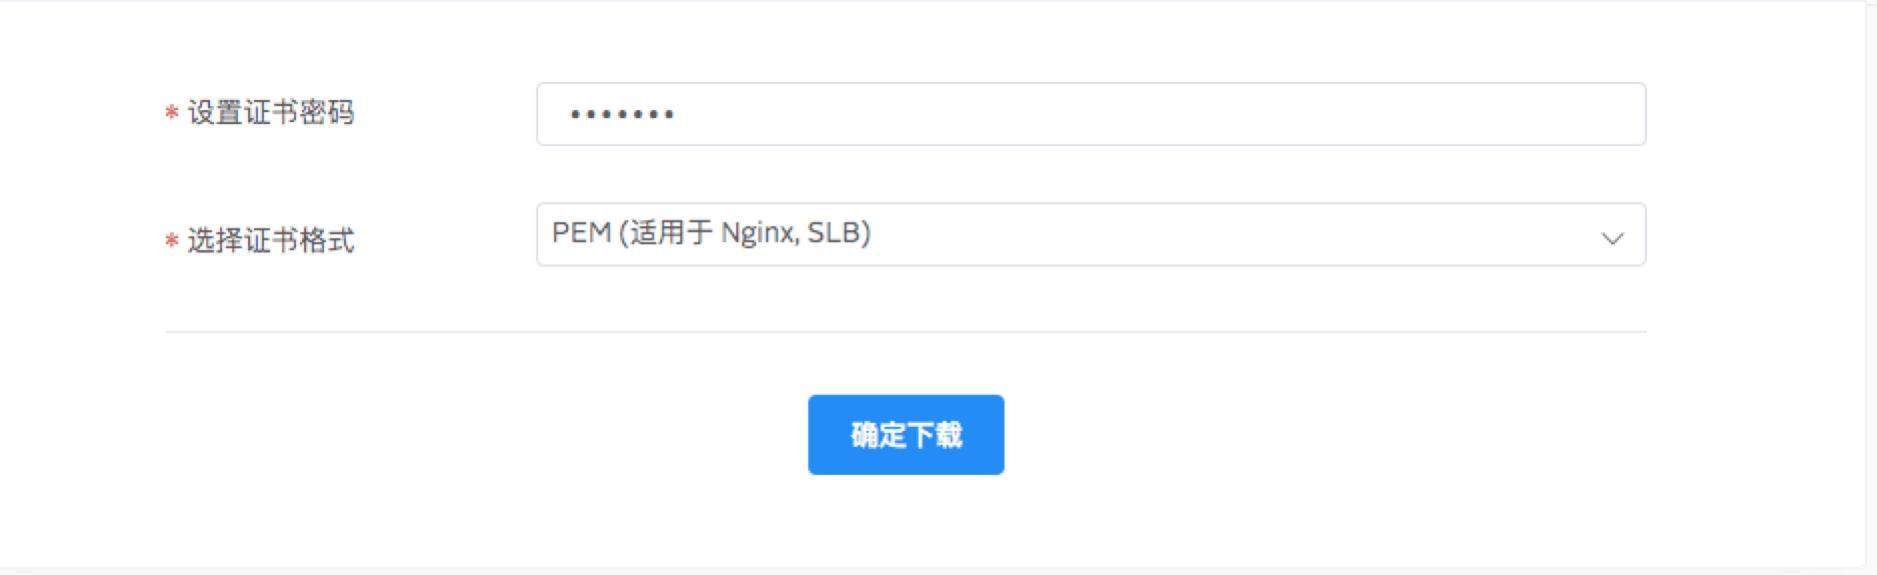 申请免费SSL证书 用https访问网站